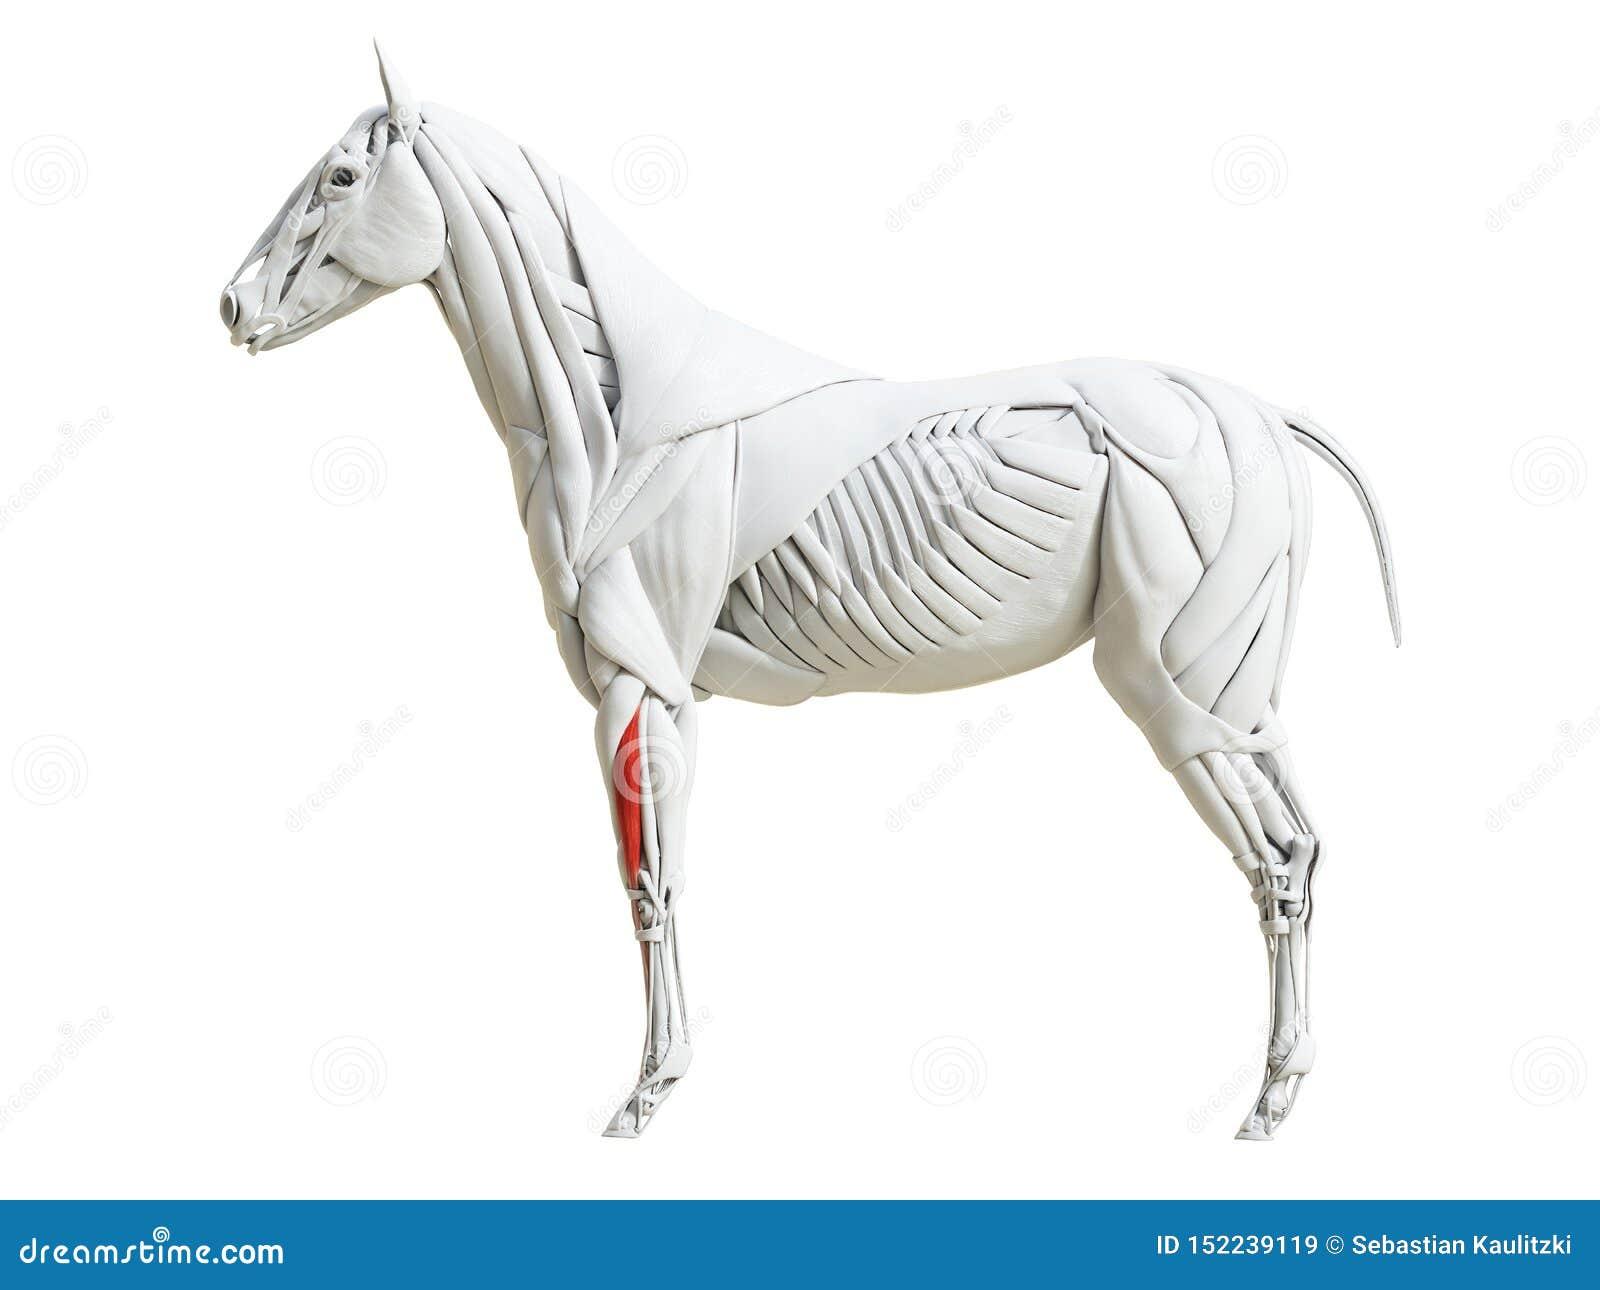 Equine анатомия мышцы - общий цифровой разгибатель